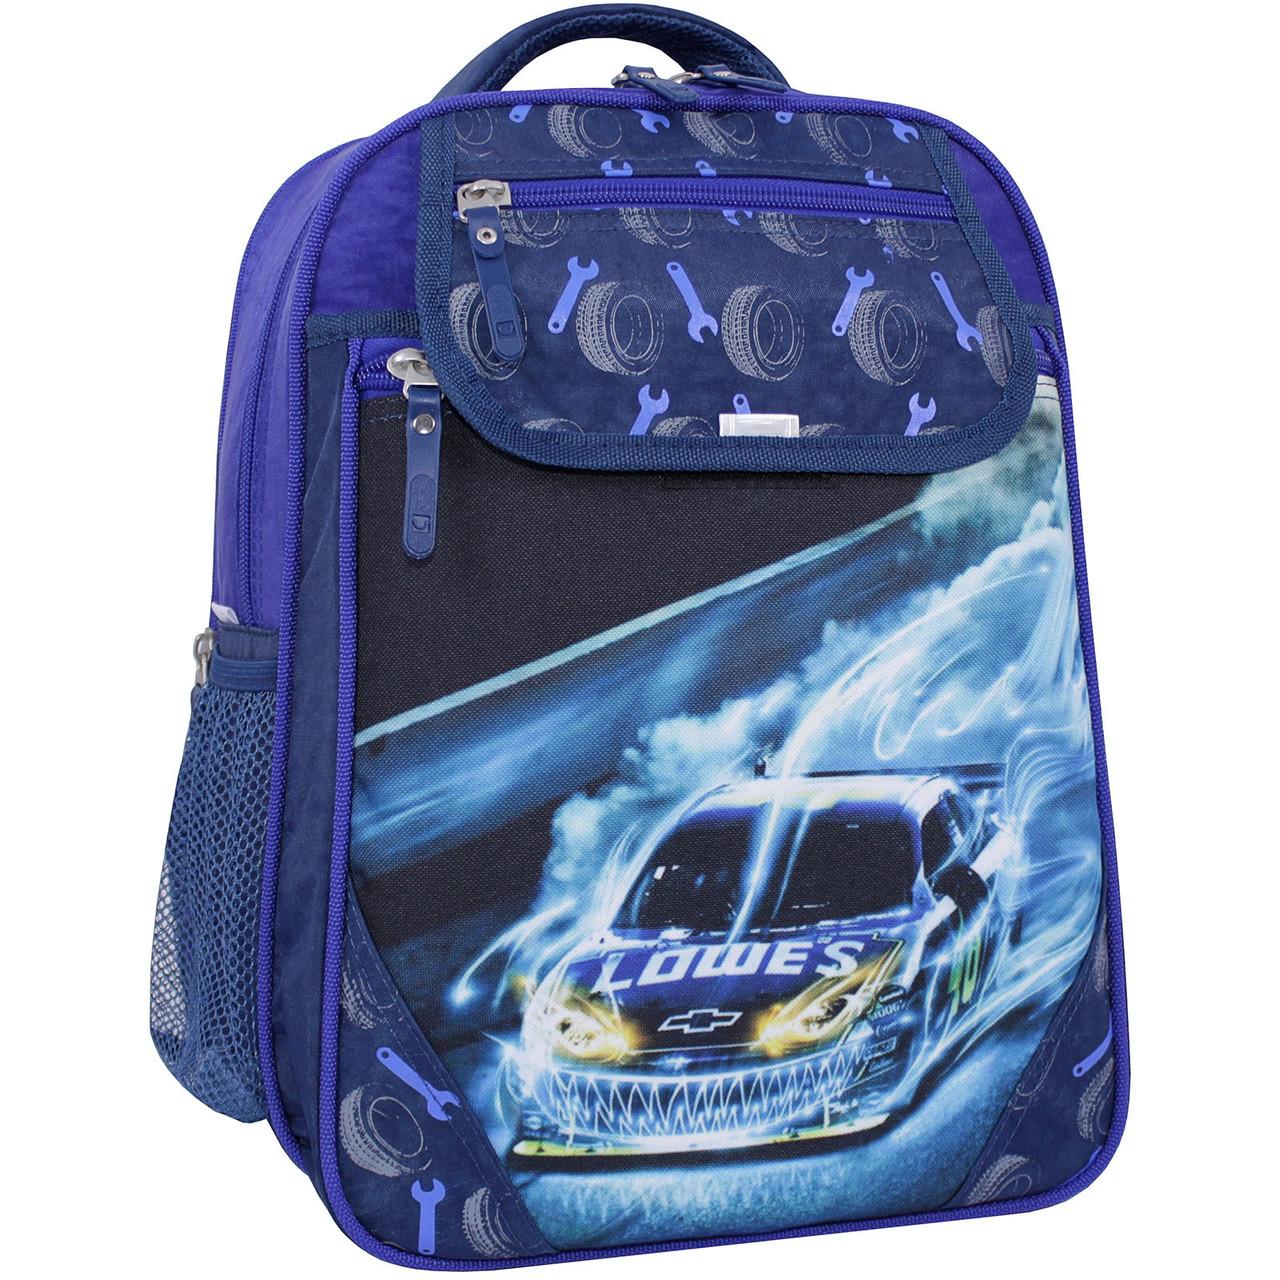 Школьный портфель для мальчика 1 класс с ортопедической спинкой ... | 1280x1280